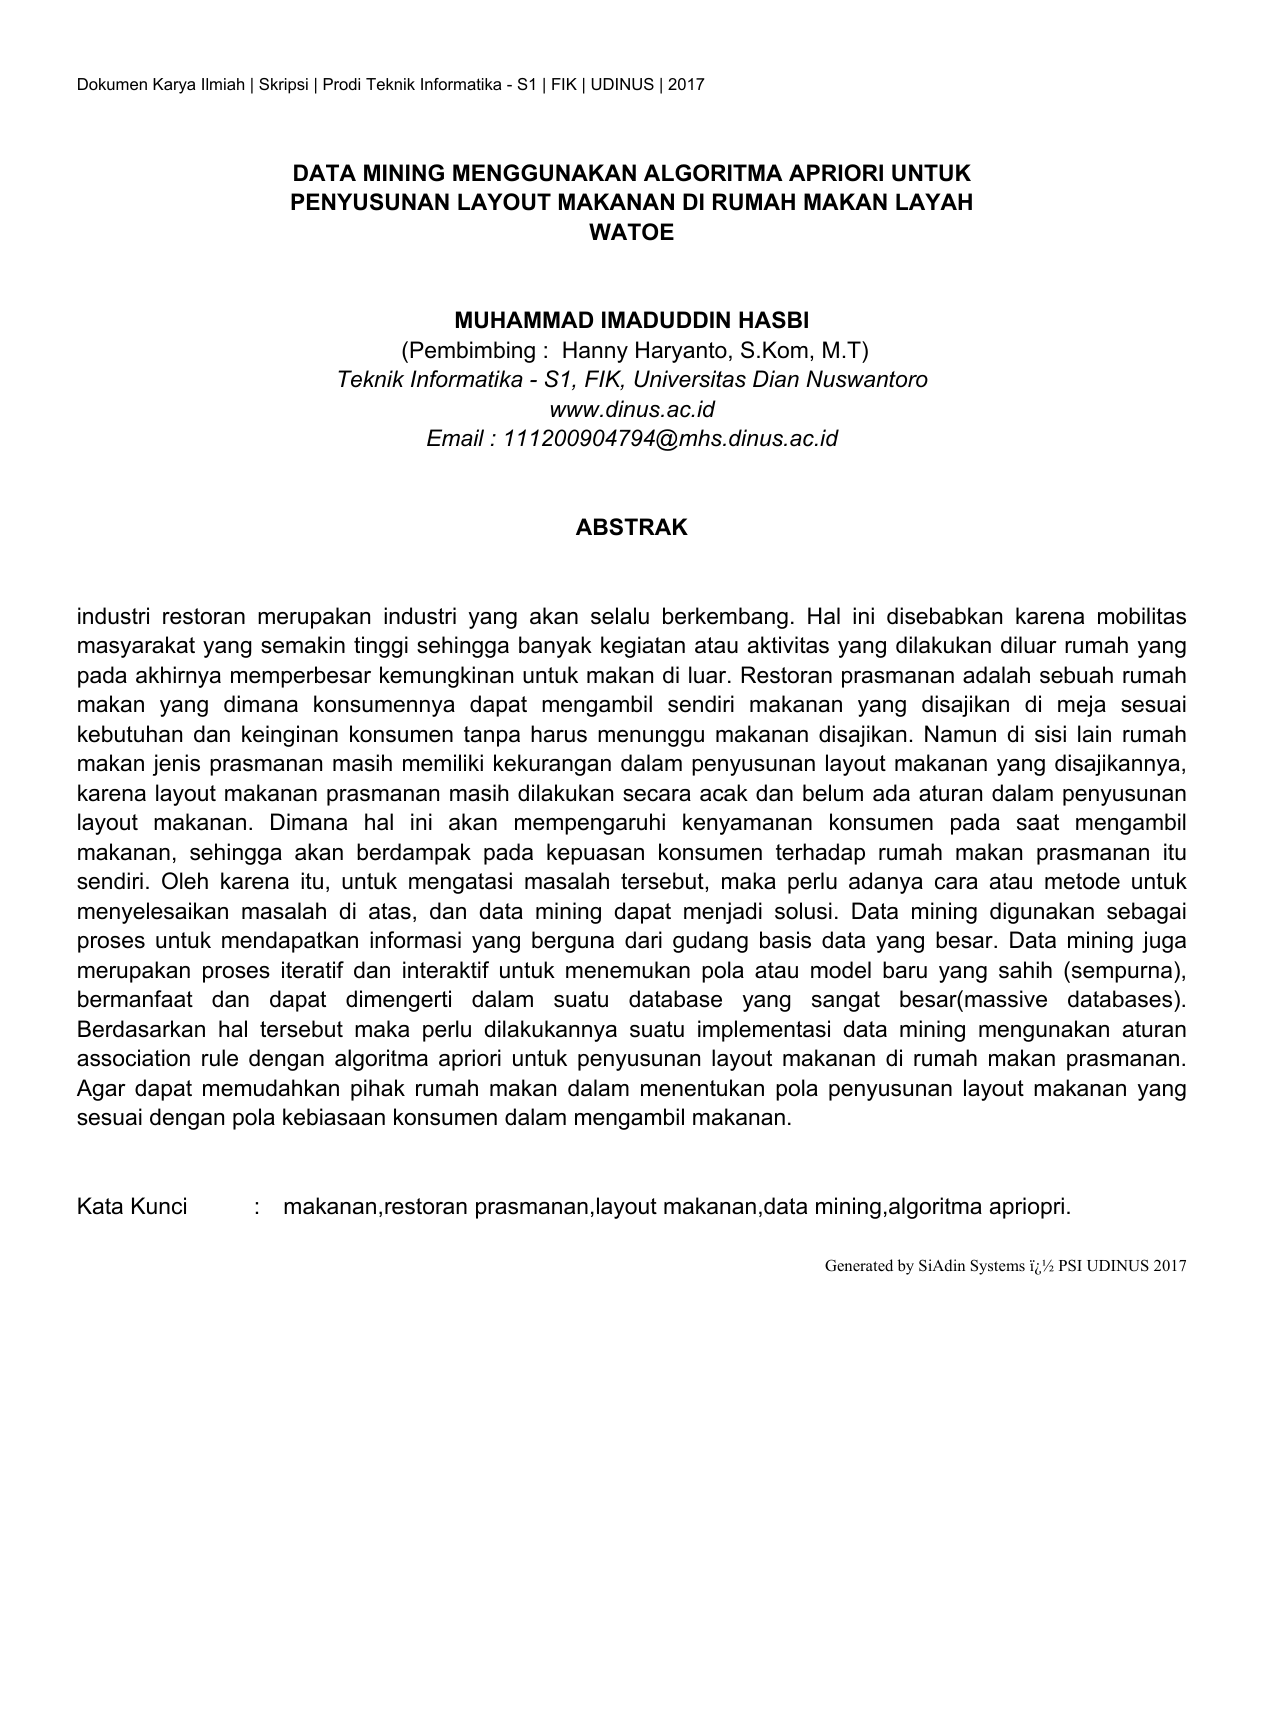 Data Mining Menggunakan Algoritma Apriori Untuk Penyusunan